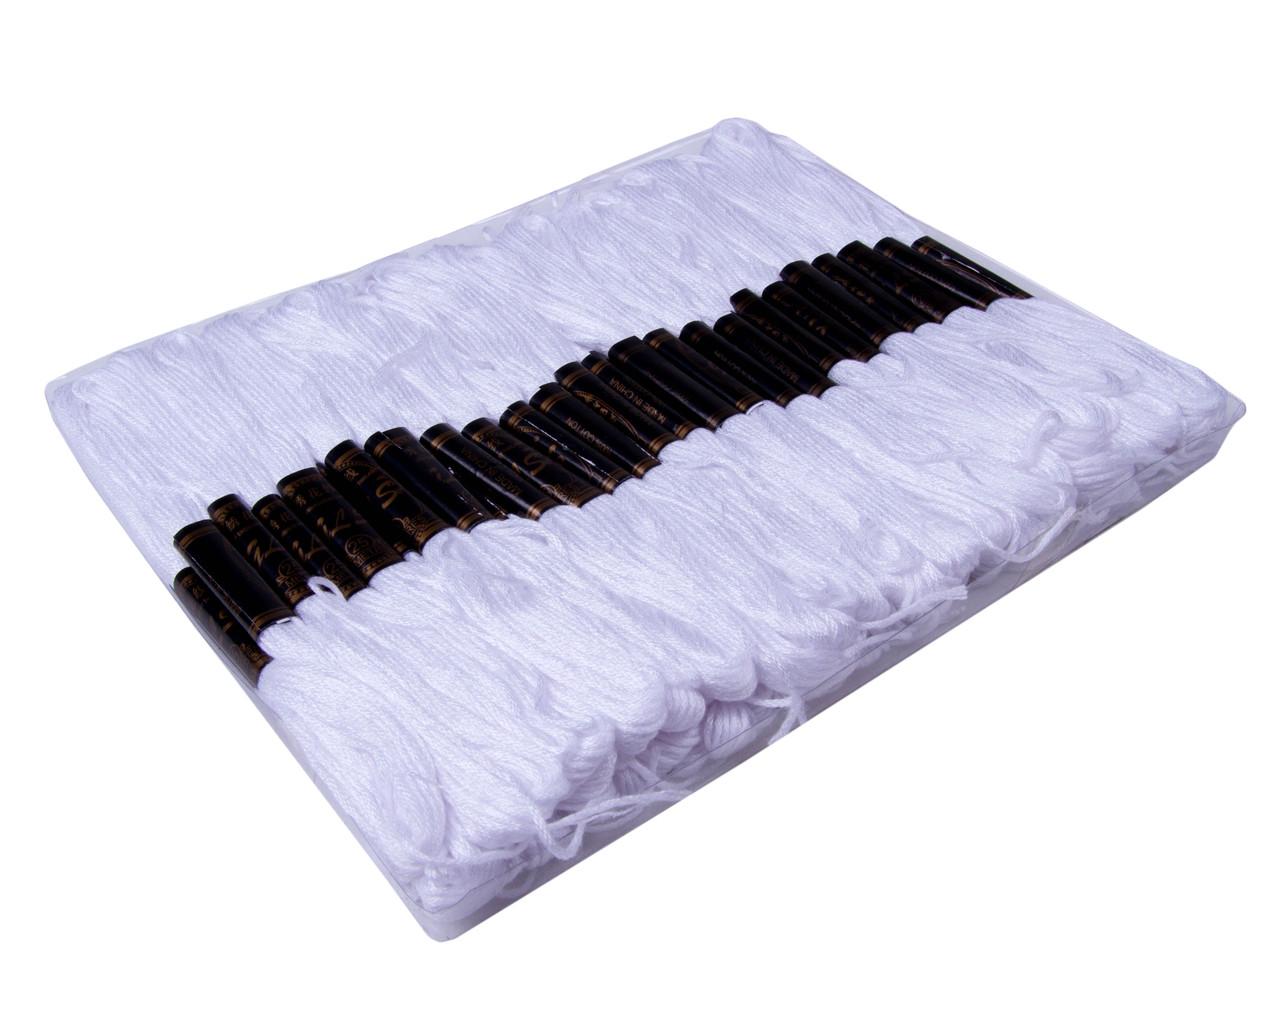 Основные советы при выборе утеплителя для пошива одежды: публикации